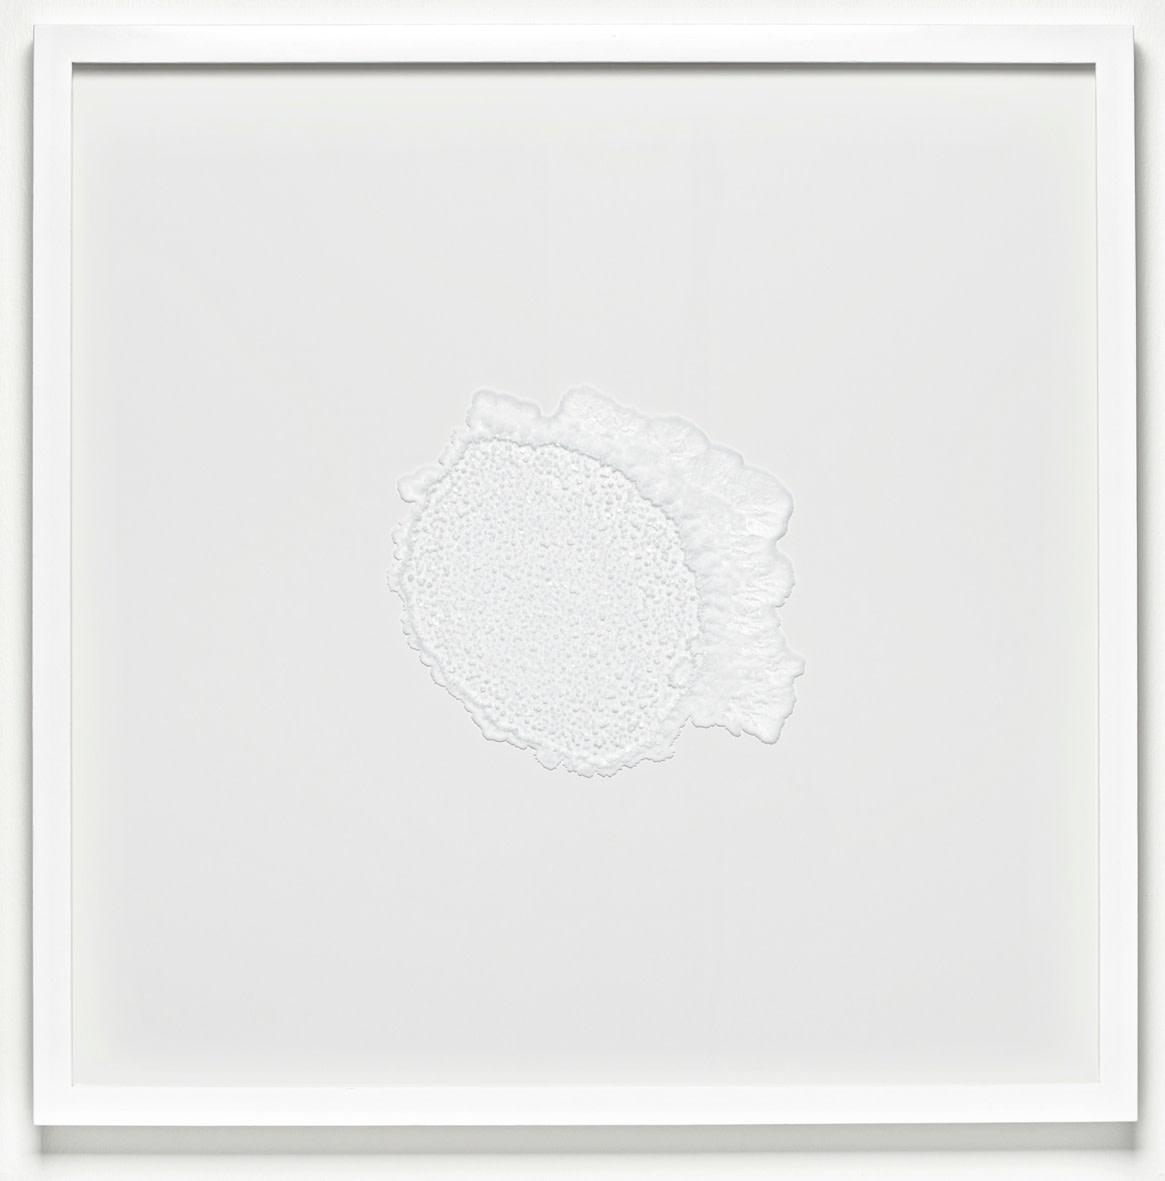 """<span class=""""link fancybox-details-link""""><a href=""""/exhibitions/129/works/artworks9034/"""">View Detail Page</a></span><div class=""""artist""""><strong>RAGNA RÓBERTSDÓTTIR</strong></div><div class=""""title""""><em>Mindscape (salt)</em>, 2013</div><div class=""""medium"""">sea salt on glass</div><div class=""""dimensions"""">72.0 x 72.0 x 4.5 cm<br>28 1/8 x 28 1/8 x 1 1/4 in</div>"""